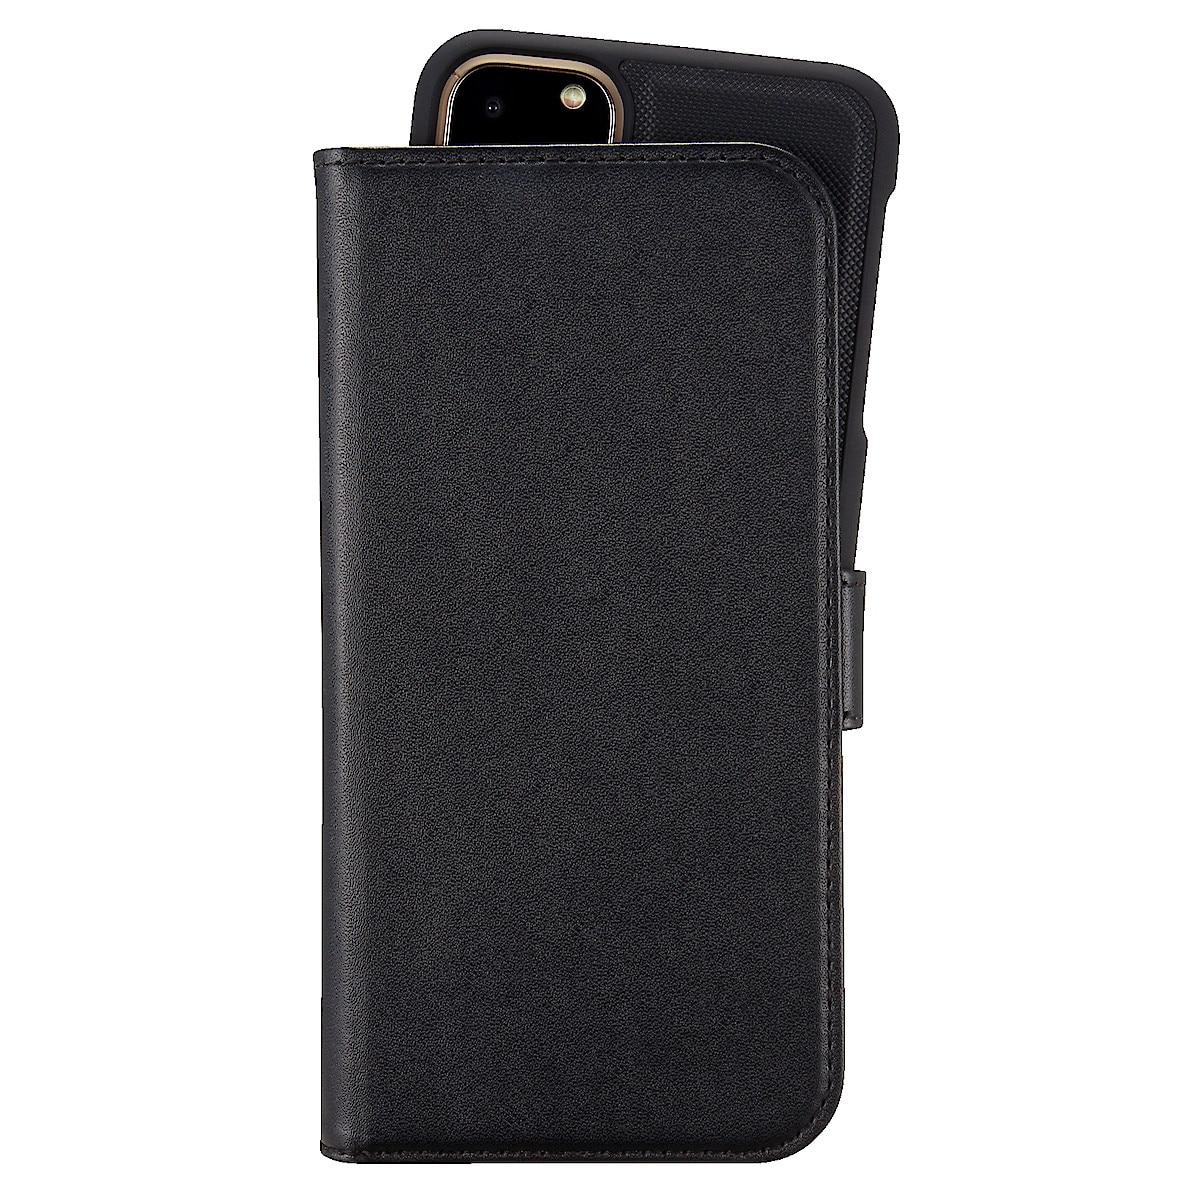 Plånboksfodral för iPhone 11 Pro Max Holdit